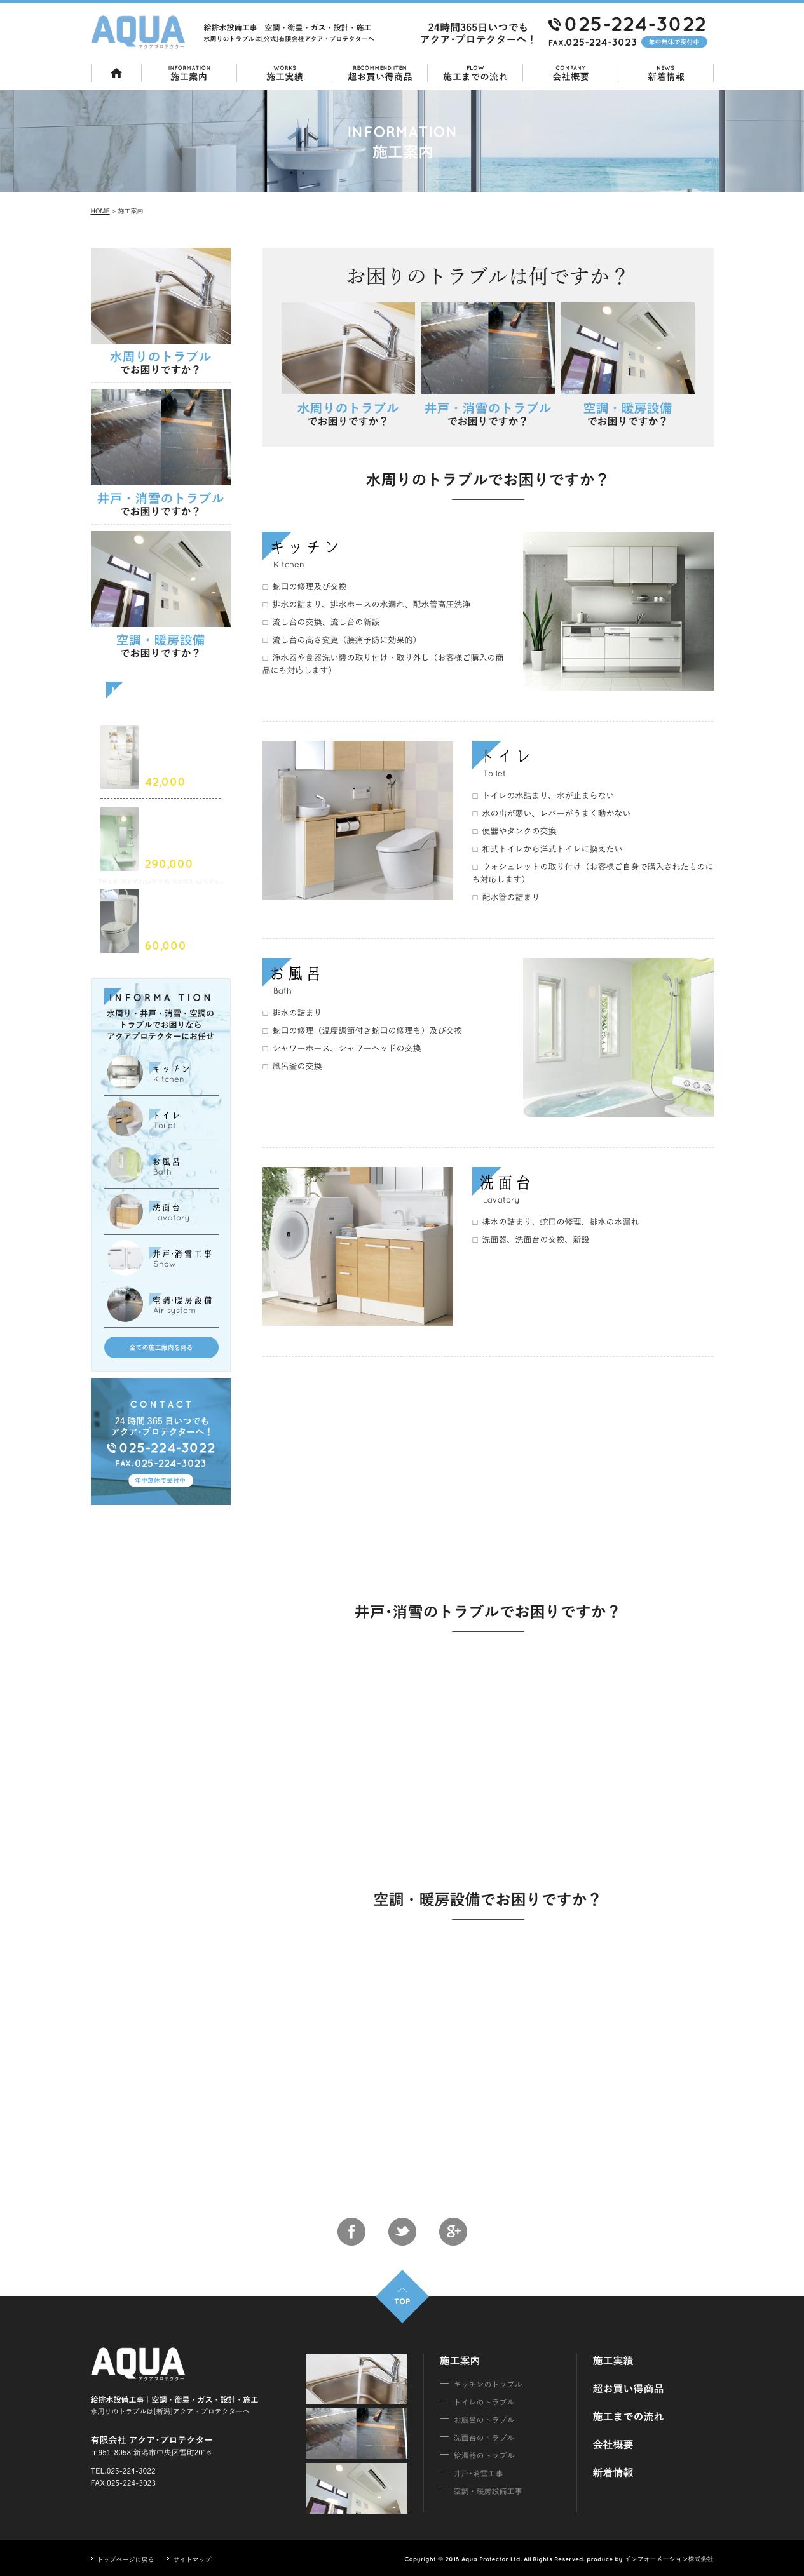 アクア・プロテクター 様のホームページ